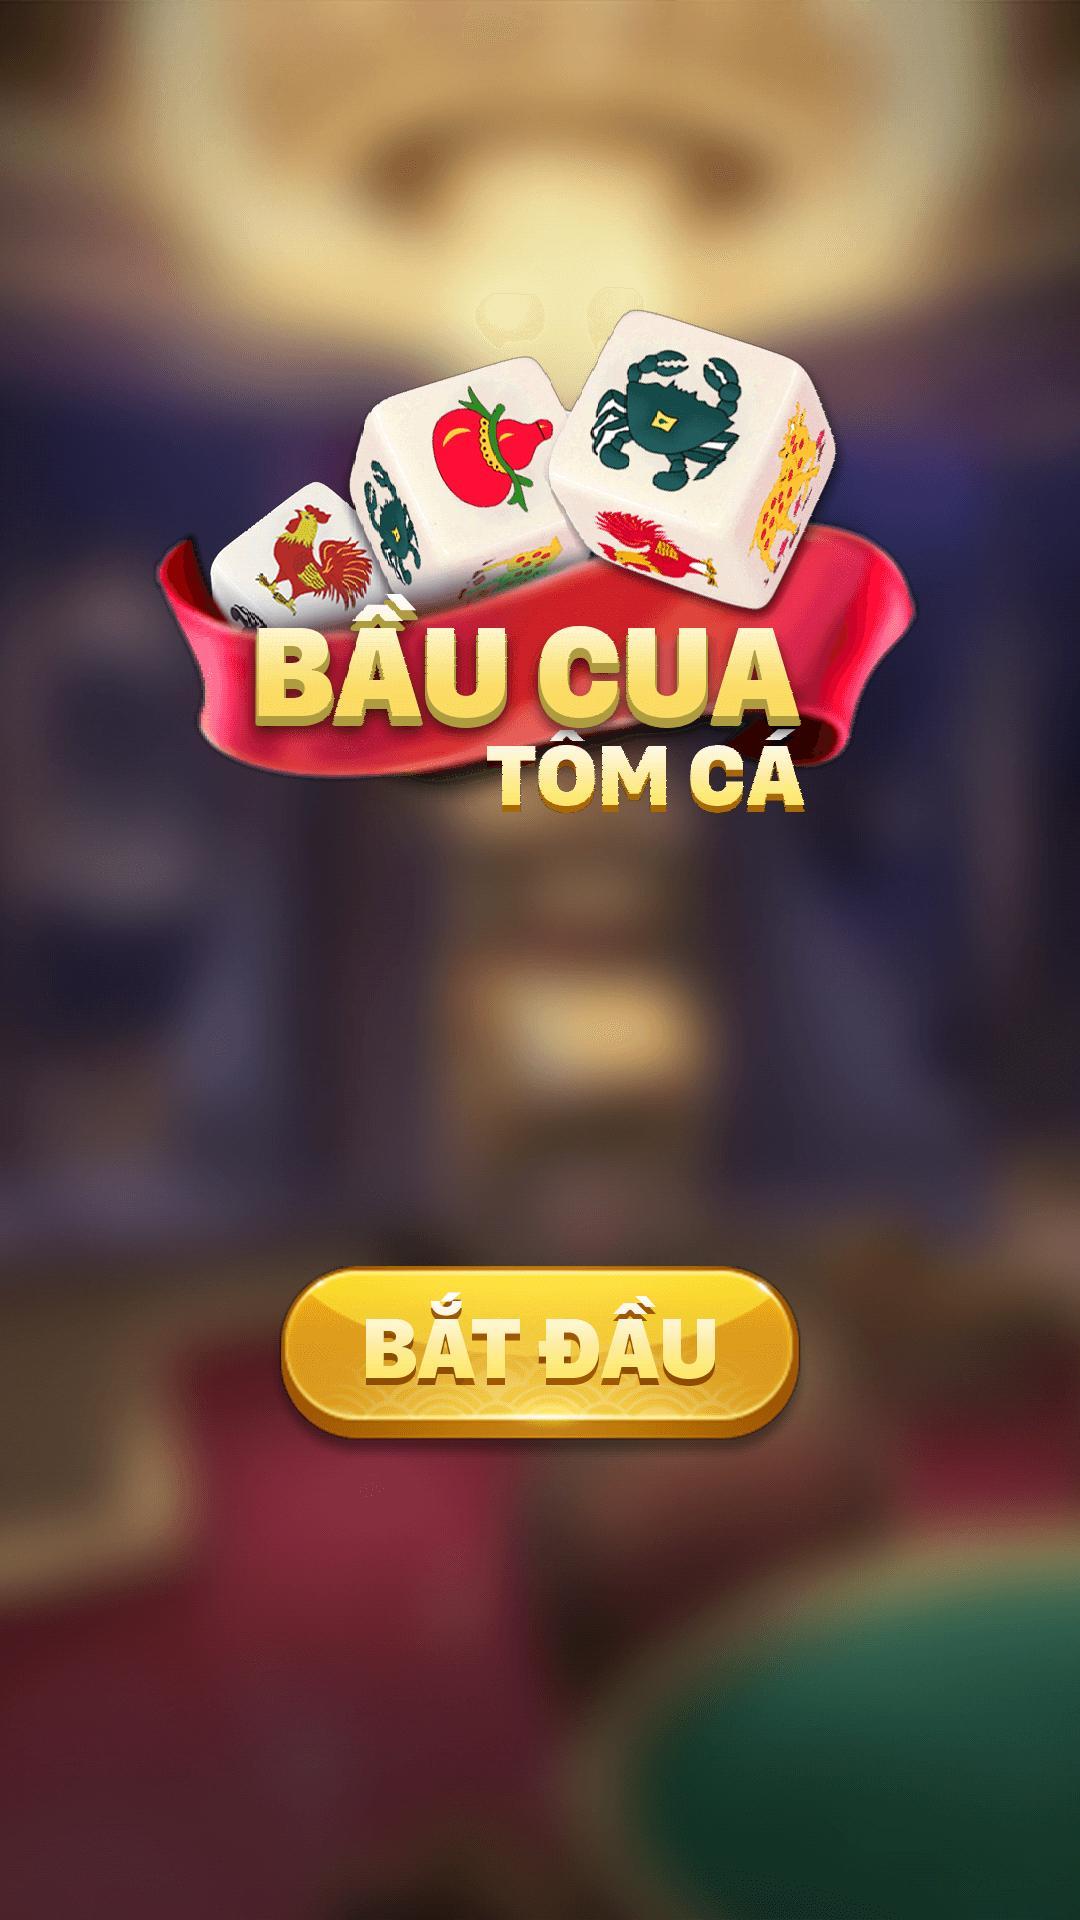 Bau Cua Tom Ca 1.0 Screenshot 7